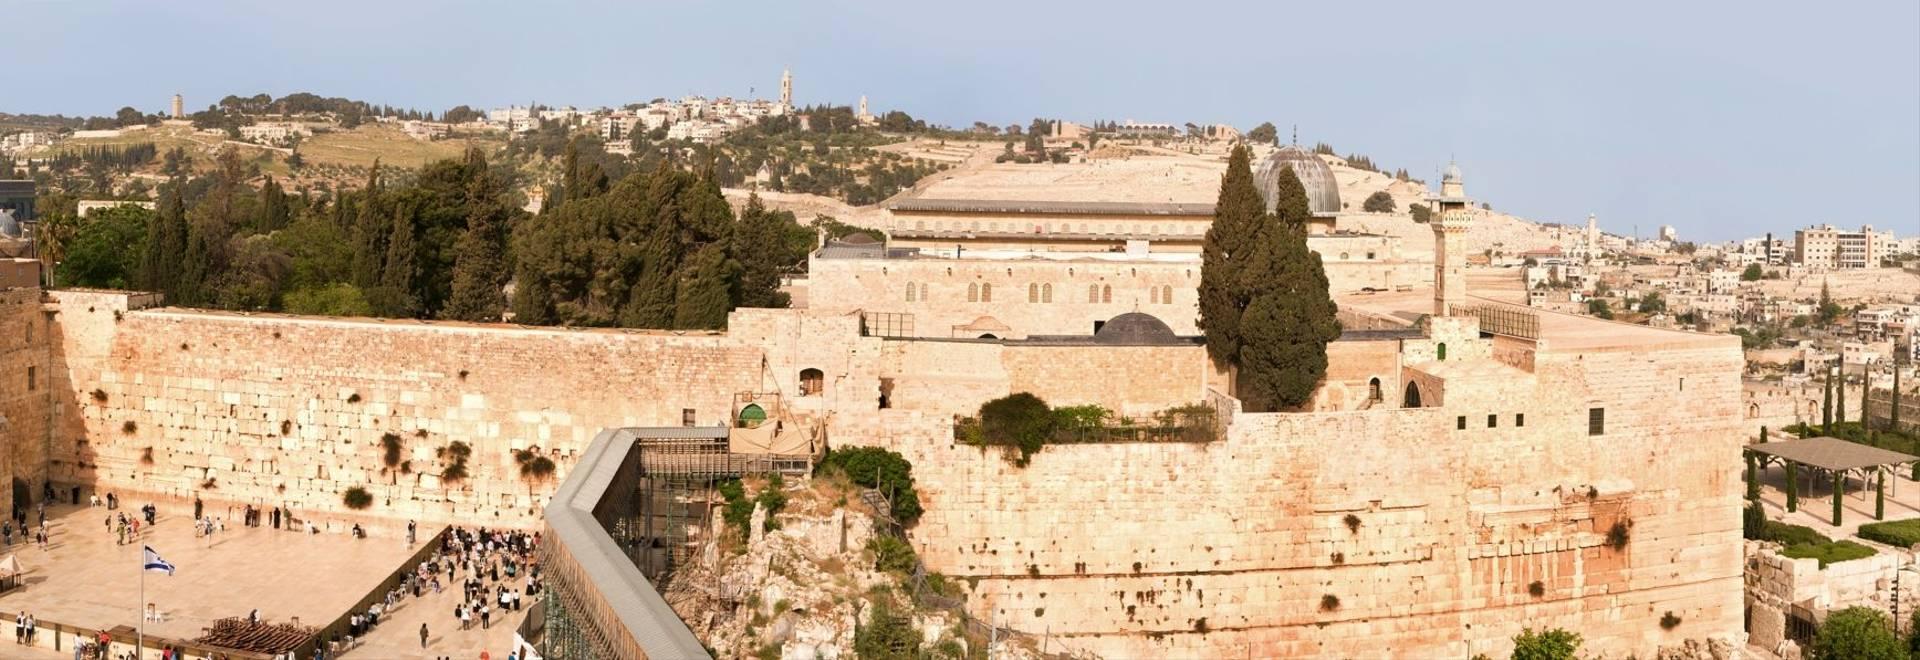 Jerusalem_Western Wall_11_Noam Chen_IMOT.jpg